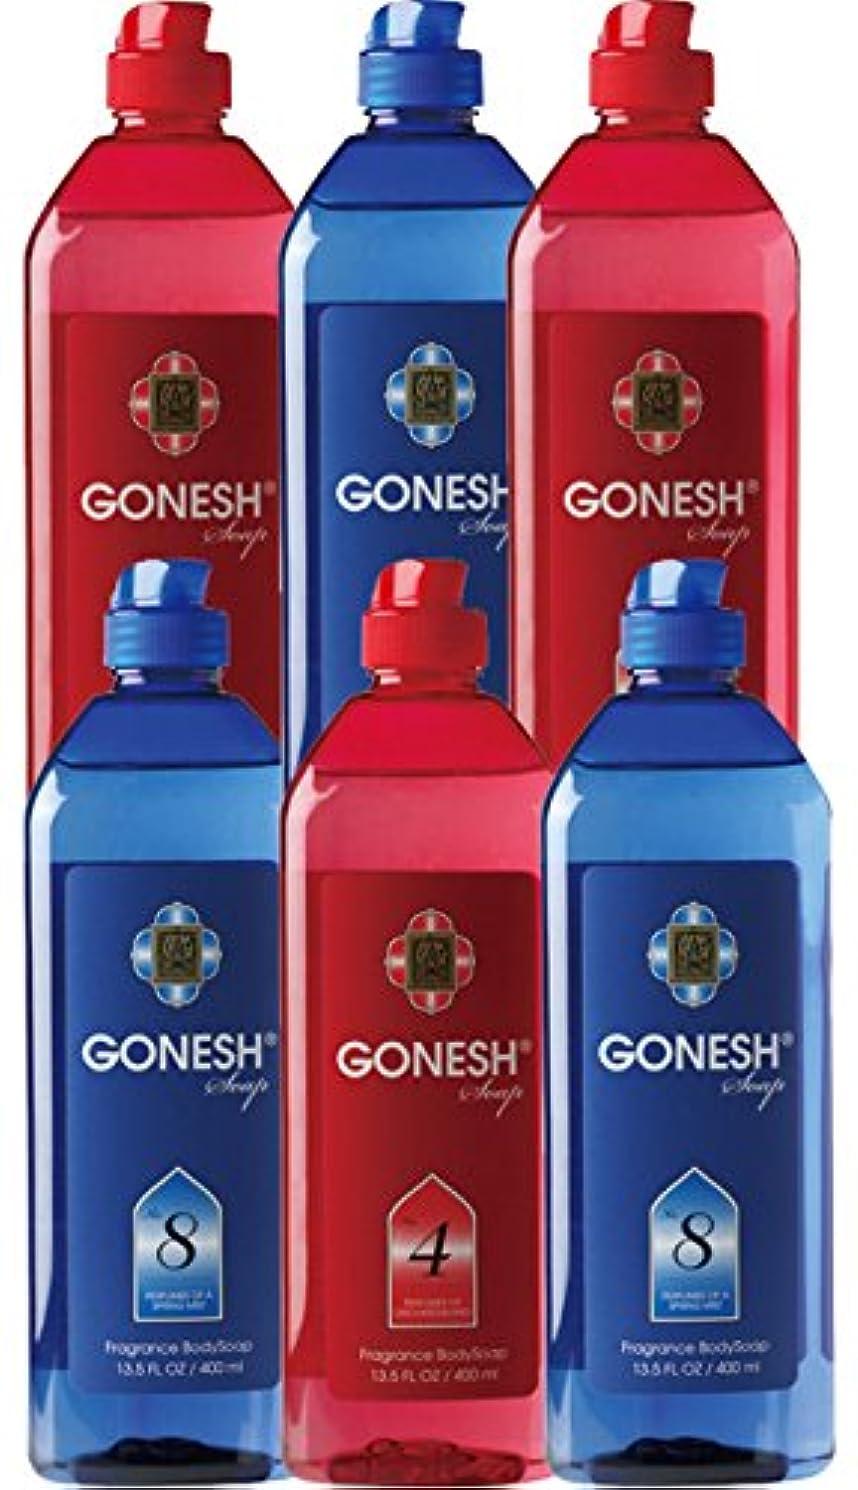 小道具飢え篭GONESH Body Soap 400ml NO.4 + NO.8 X 各3本セット